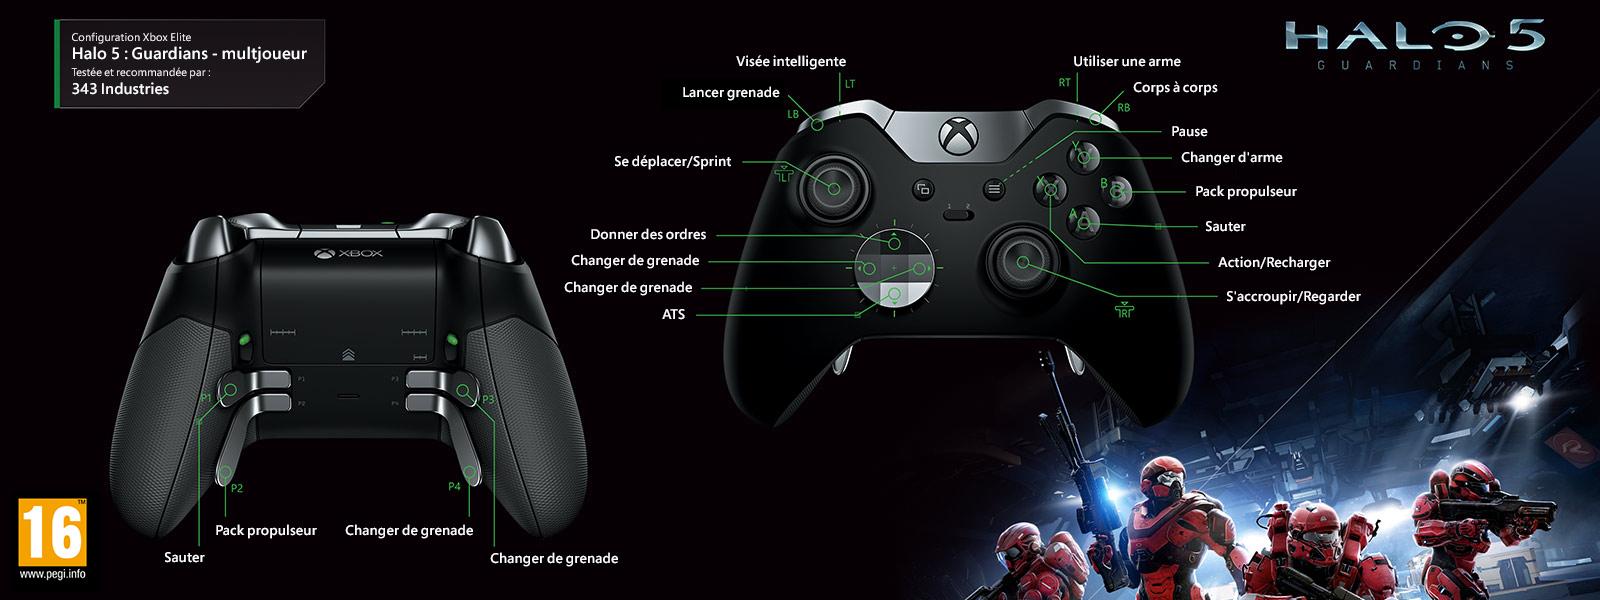 Halo5 Guardians, configuration Elite Multijoueur